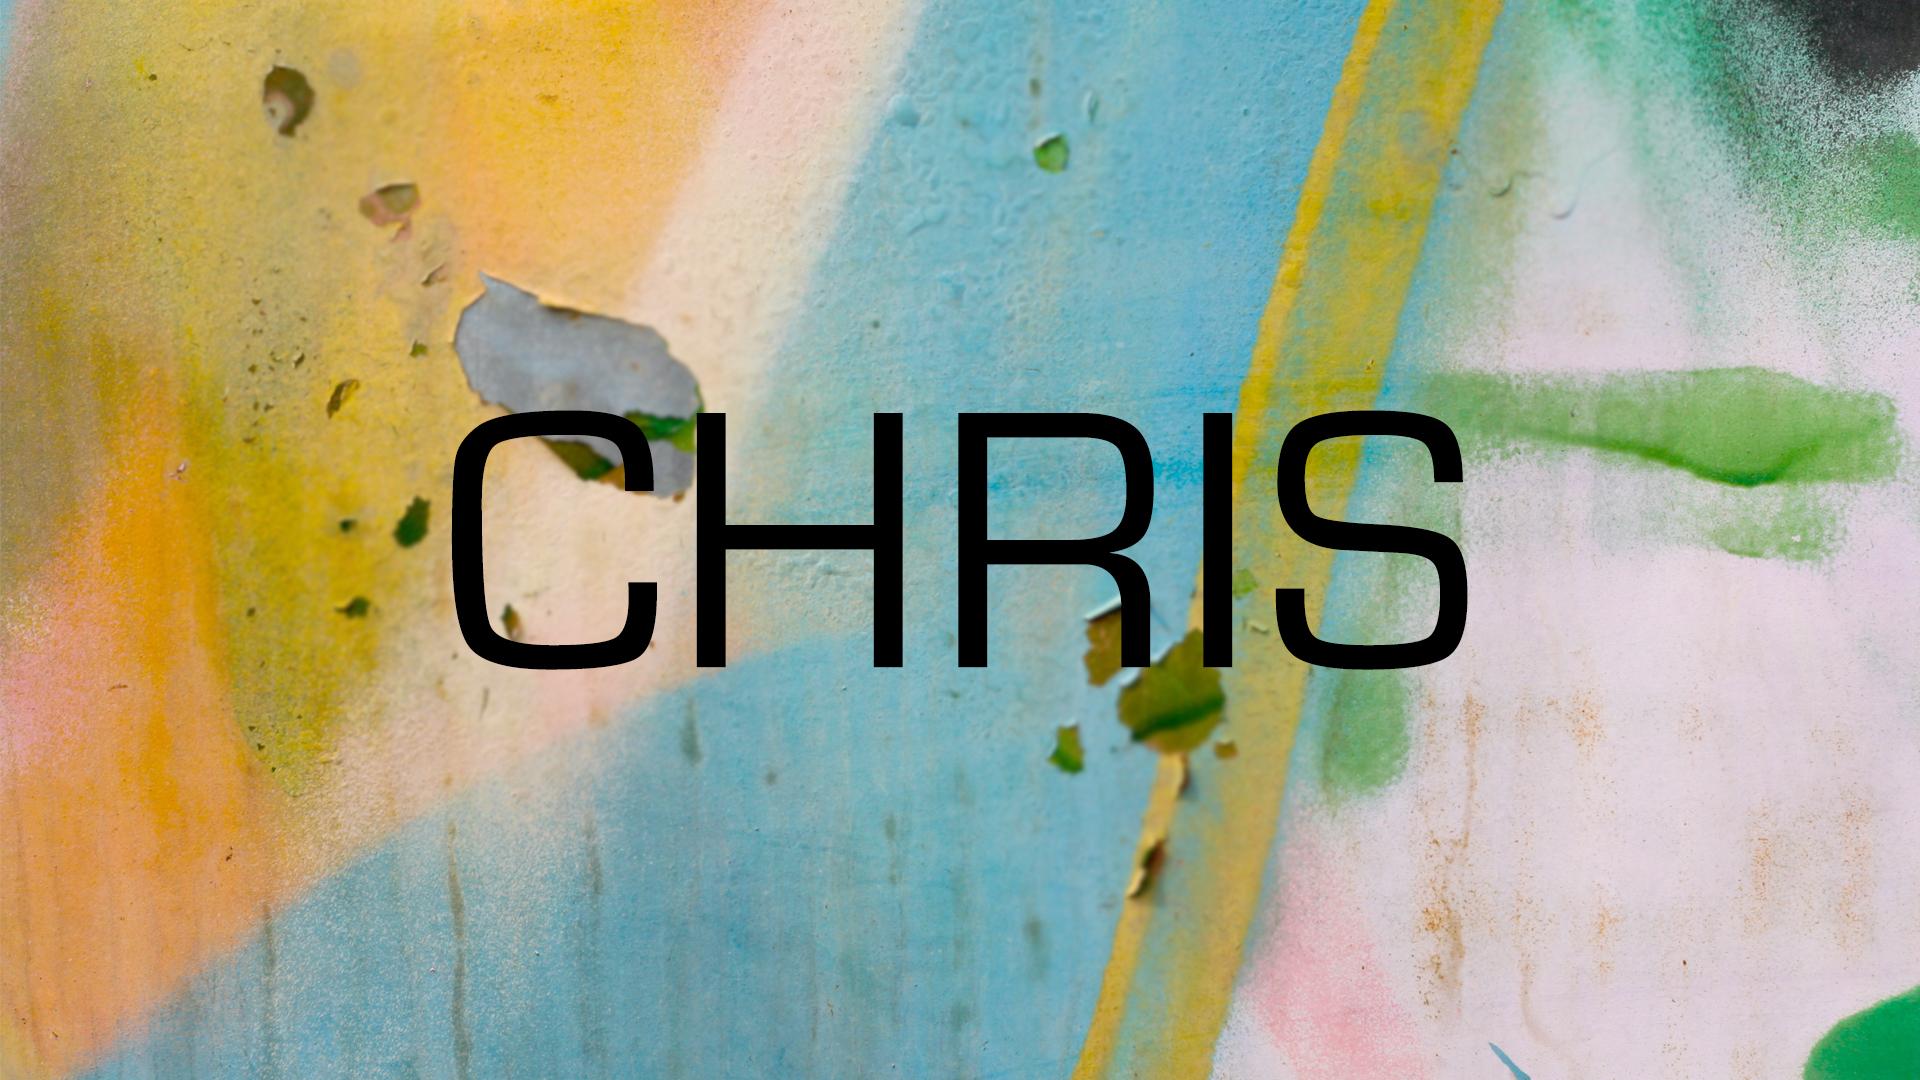 CHRISWEBSITE.jpg